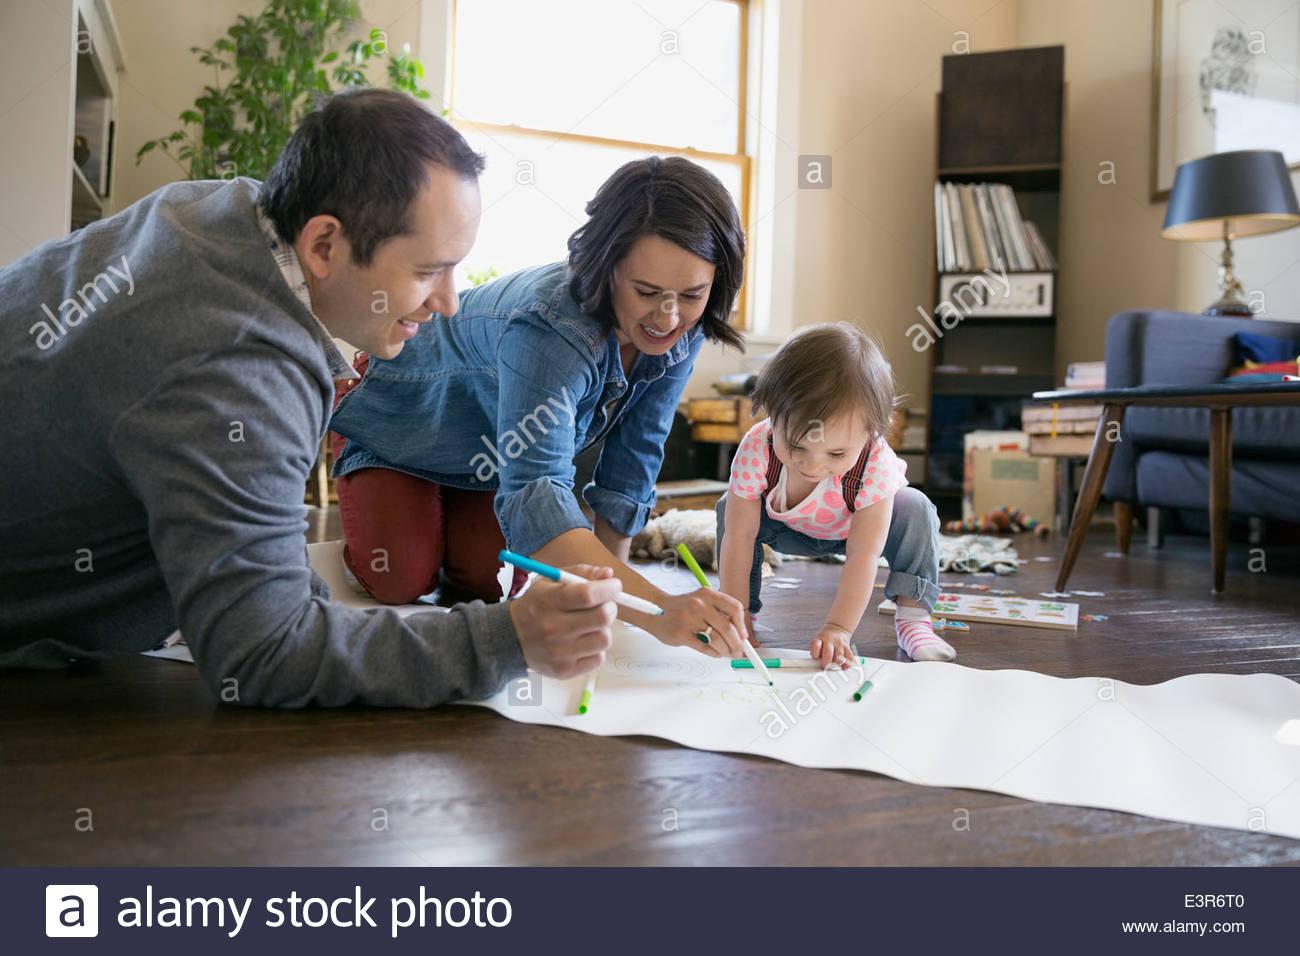 Famiglia giovane disegno in salotto Immagini Stock